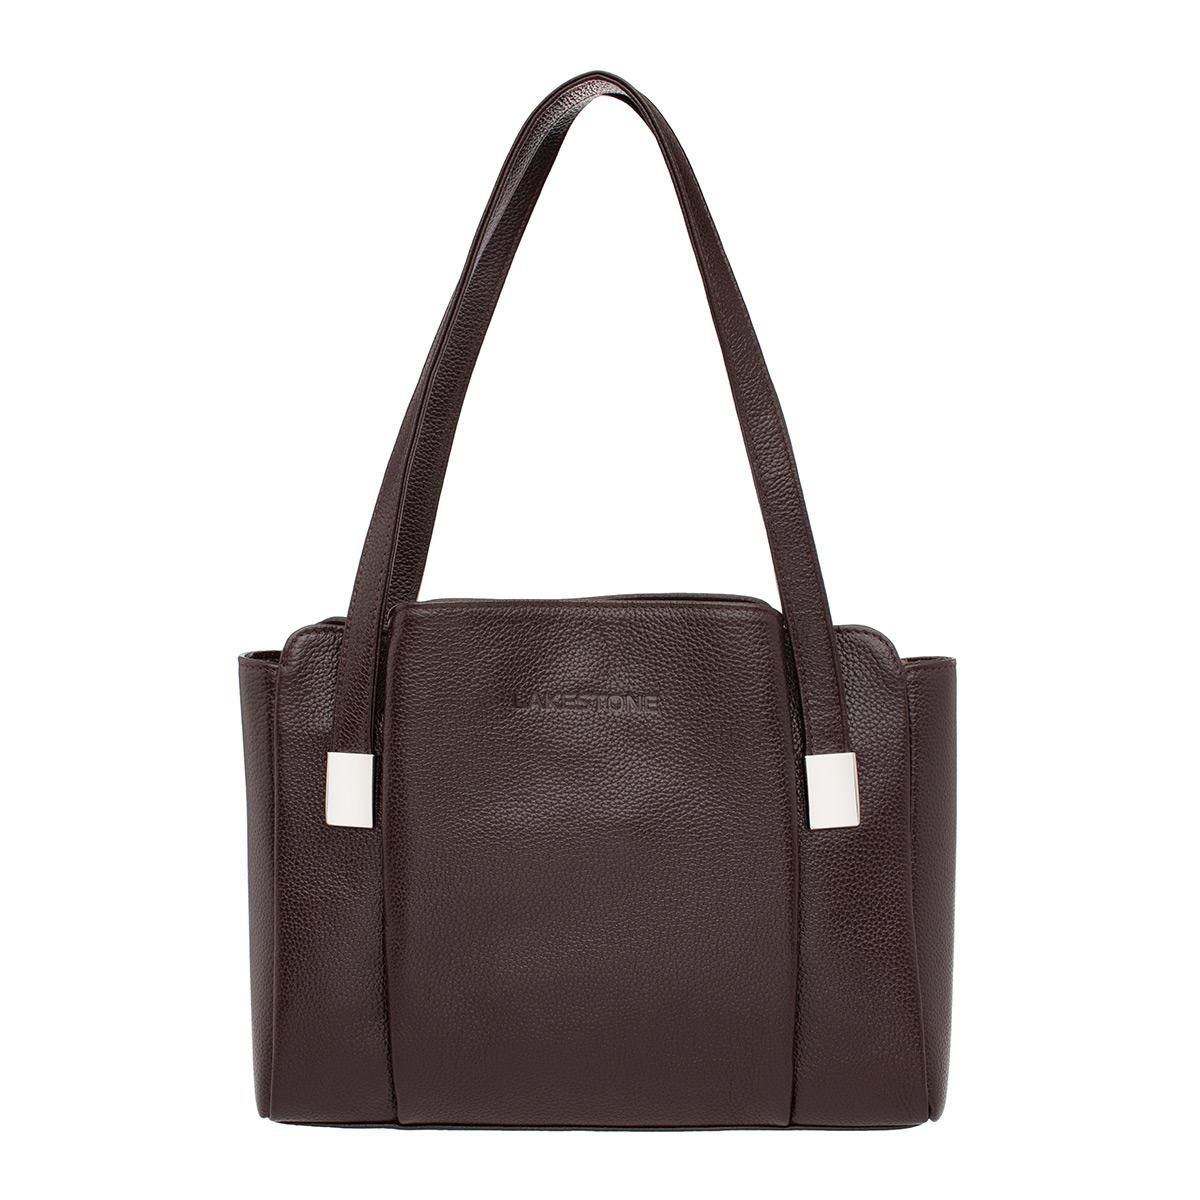 Кожаная женская сумка Tara Brown фото